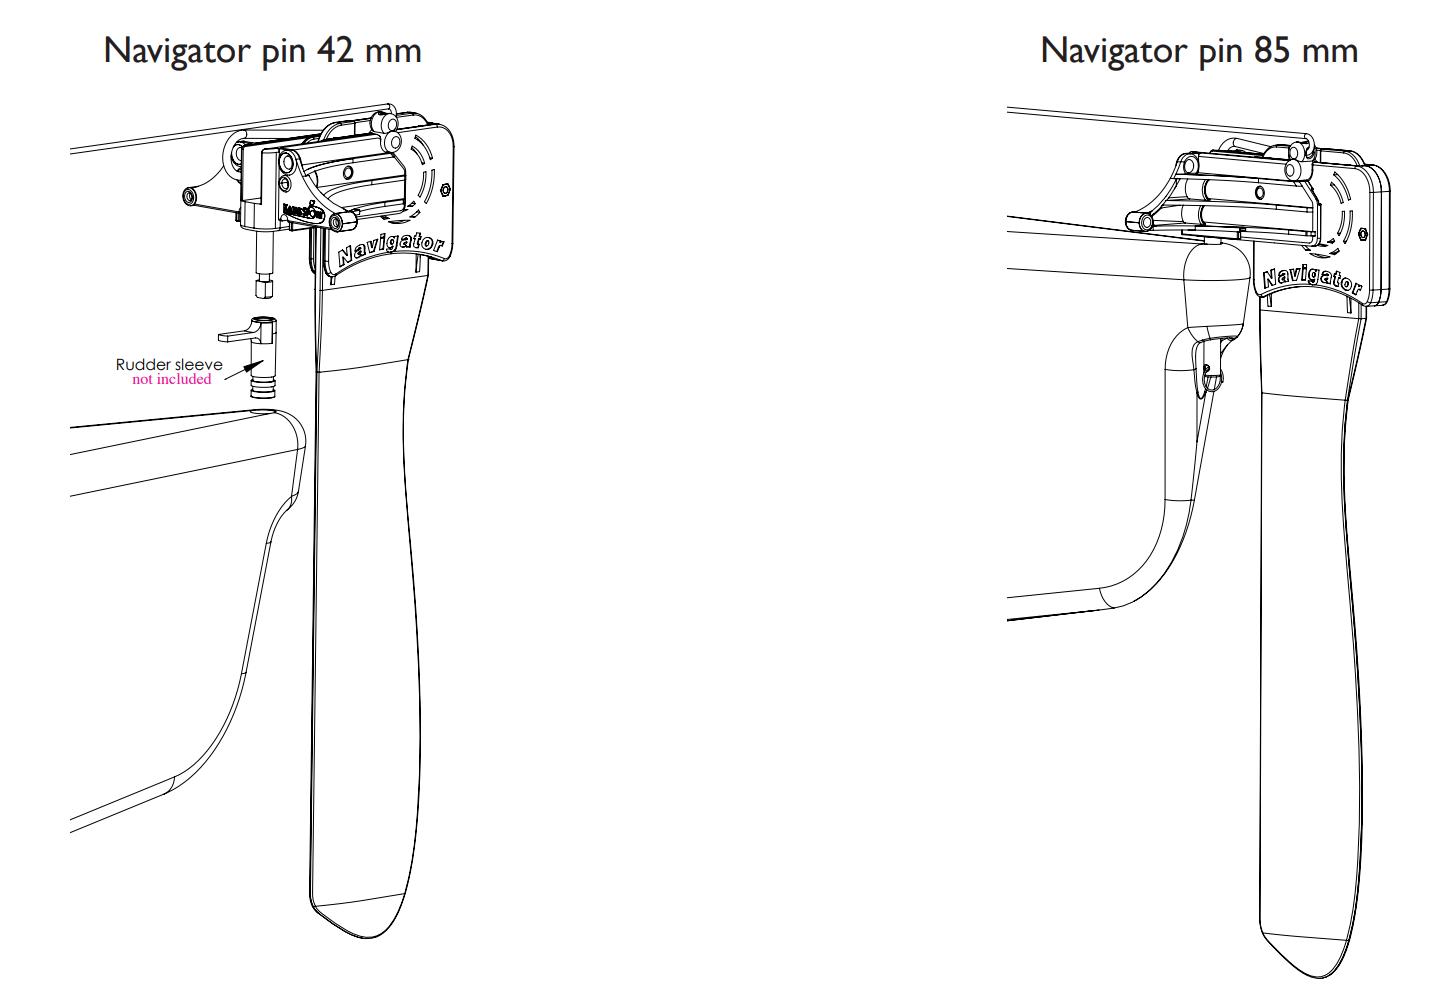 navigator-rudder-types.png